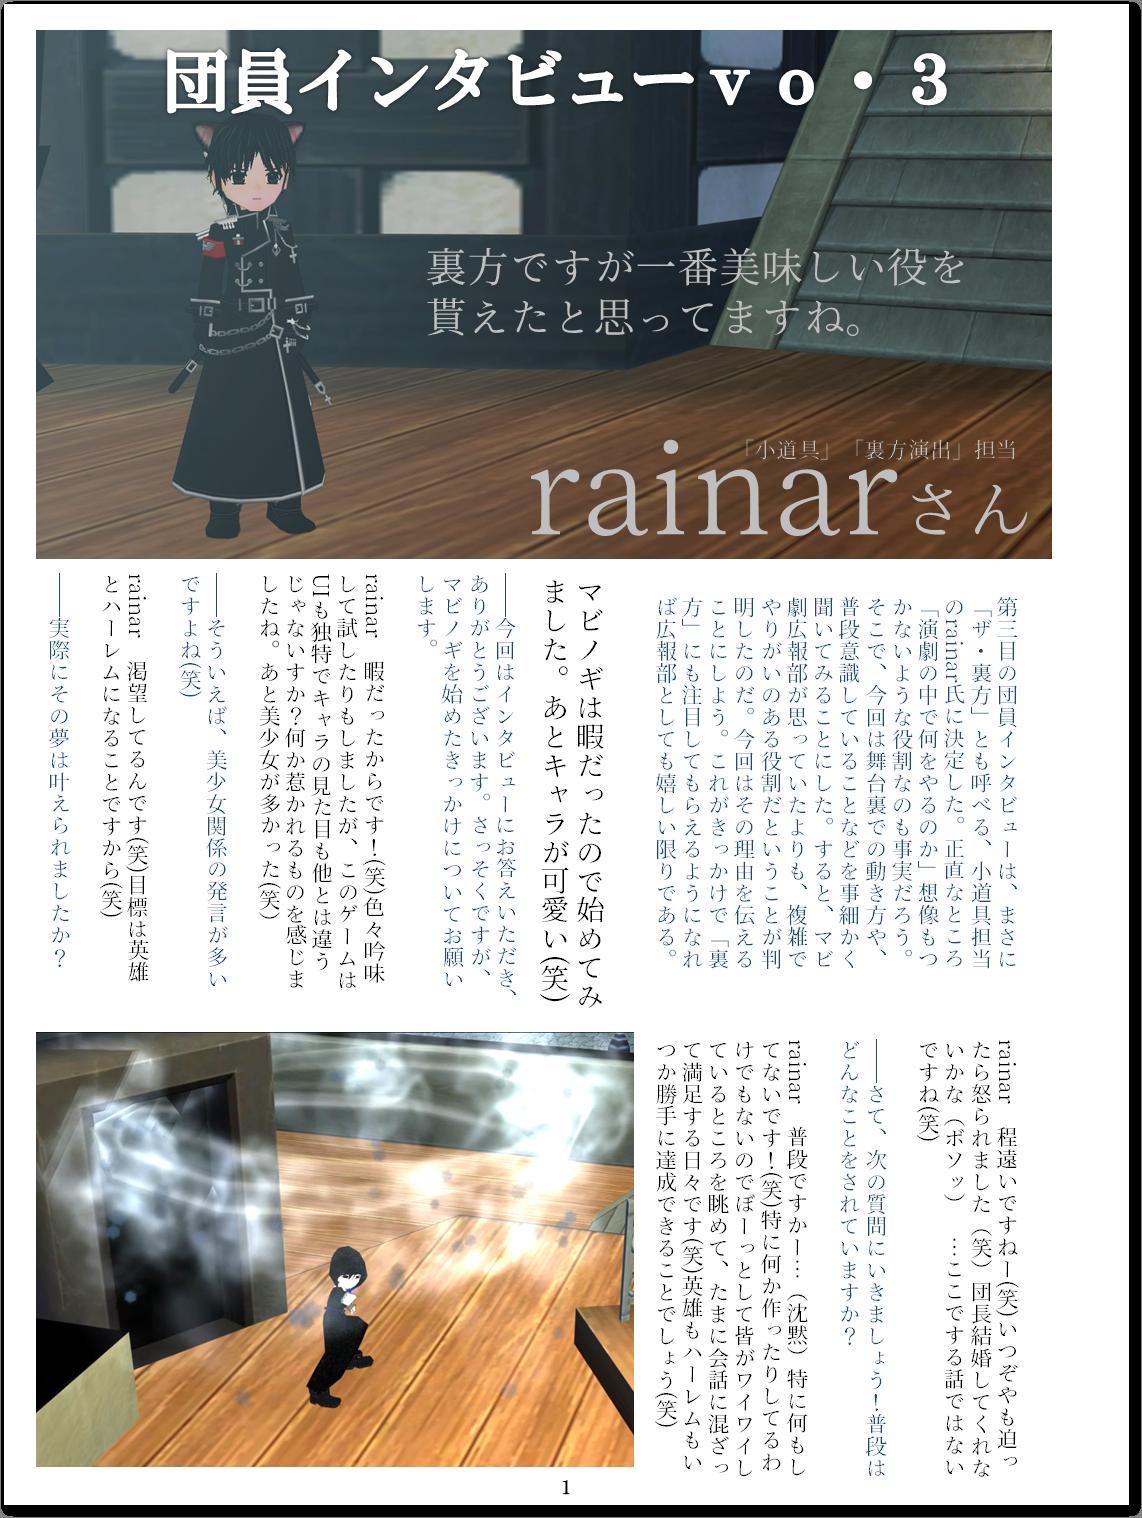 【団員インタビューVo.3】小道具、演出担当・rainarさん【サンダーバードの恩返し】